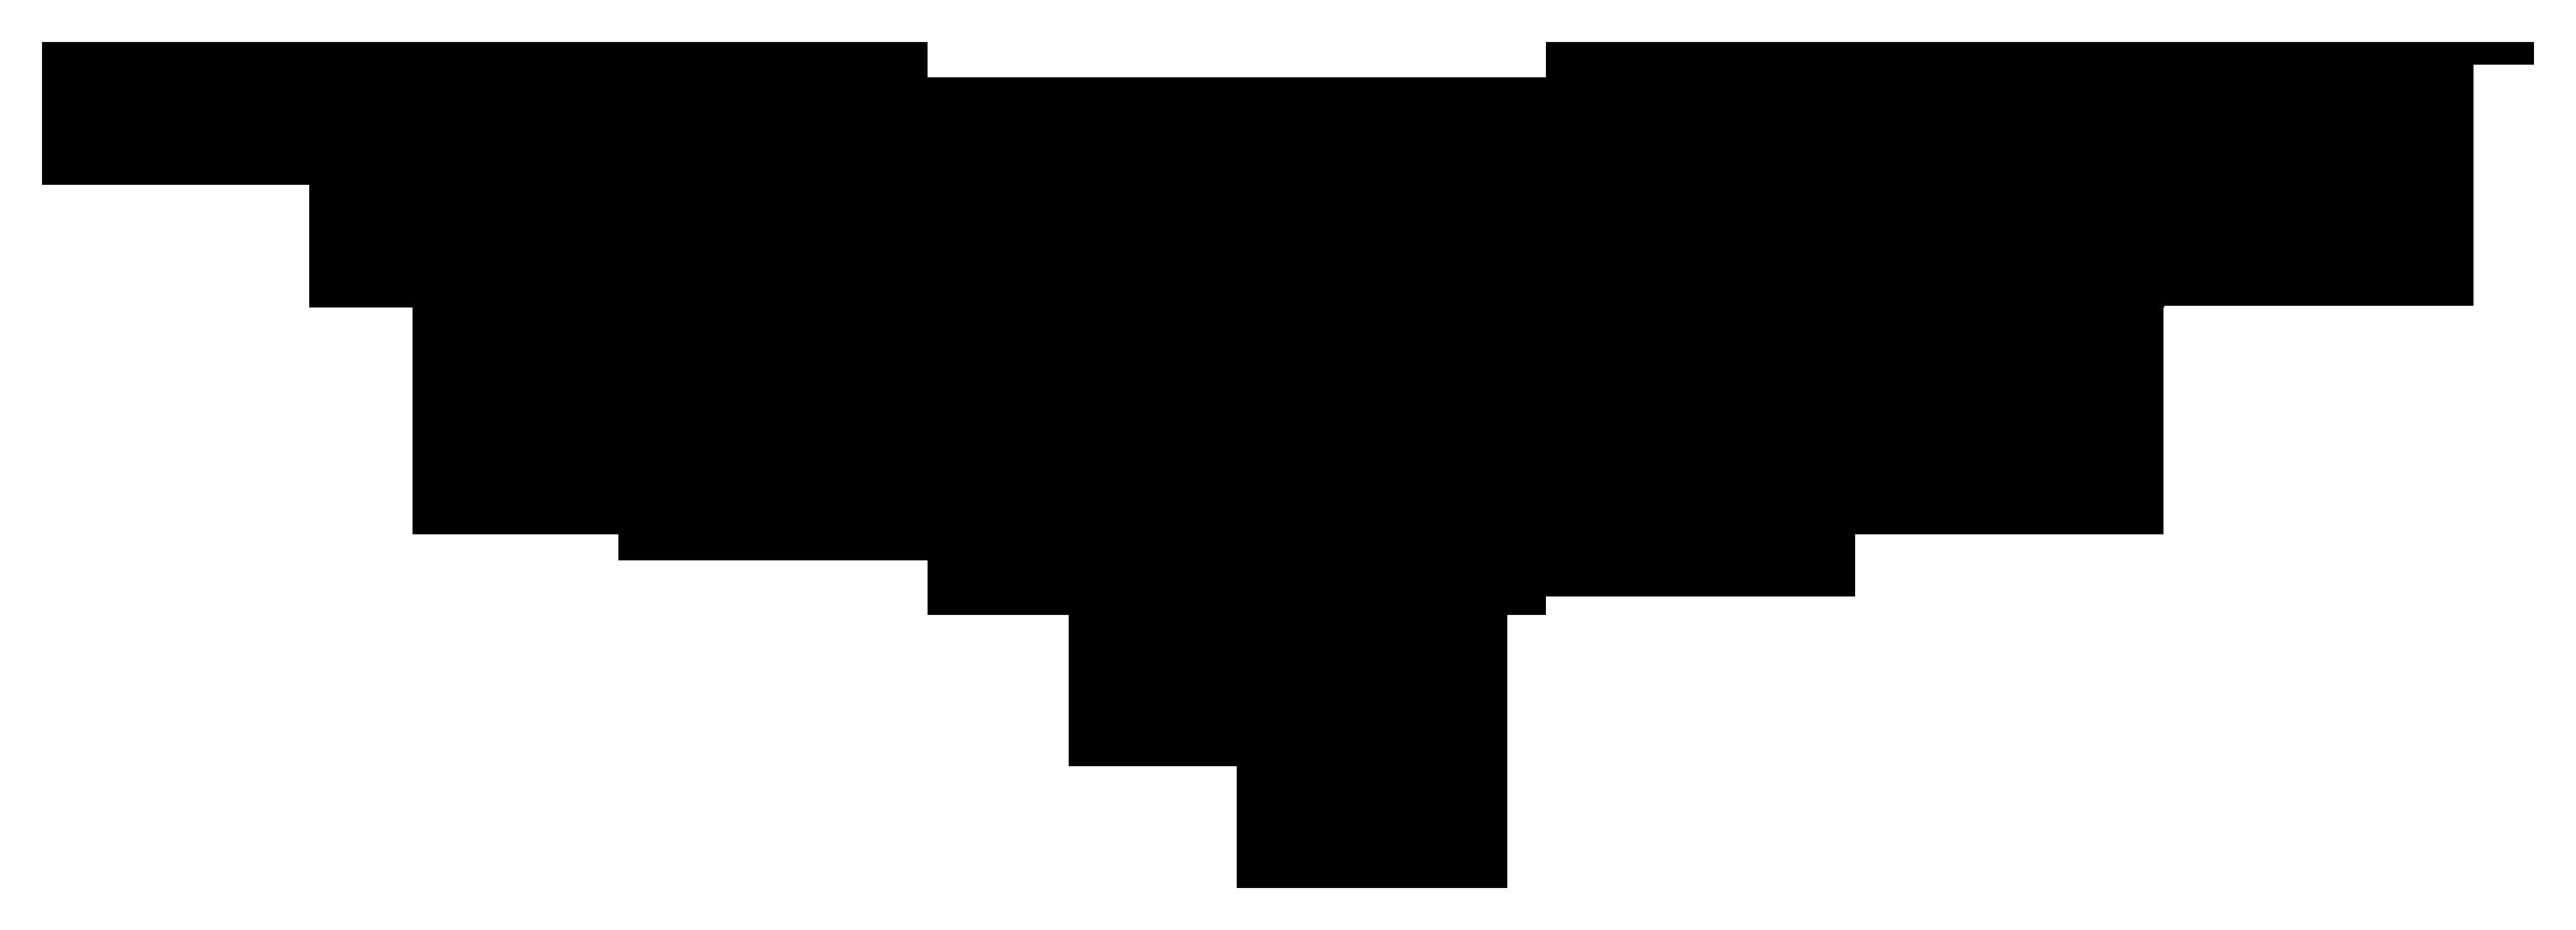 Bat symbol batman pic. Fist clipart stencil